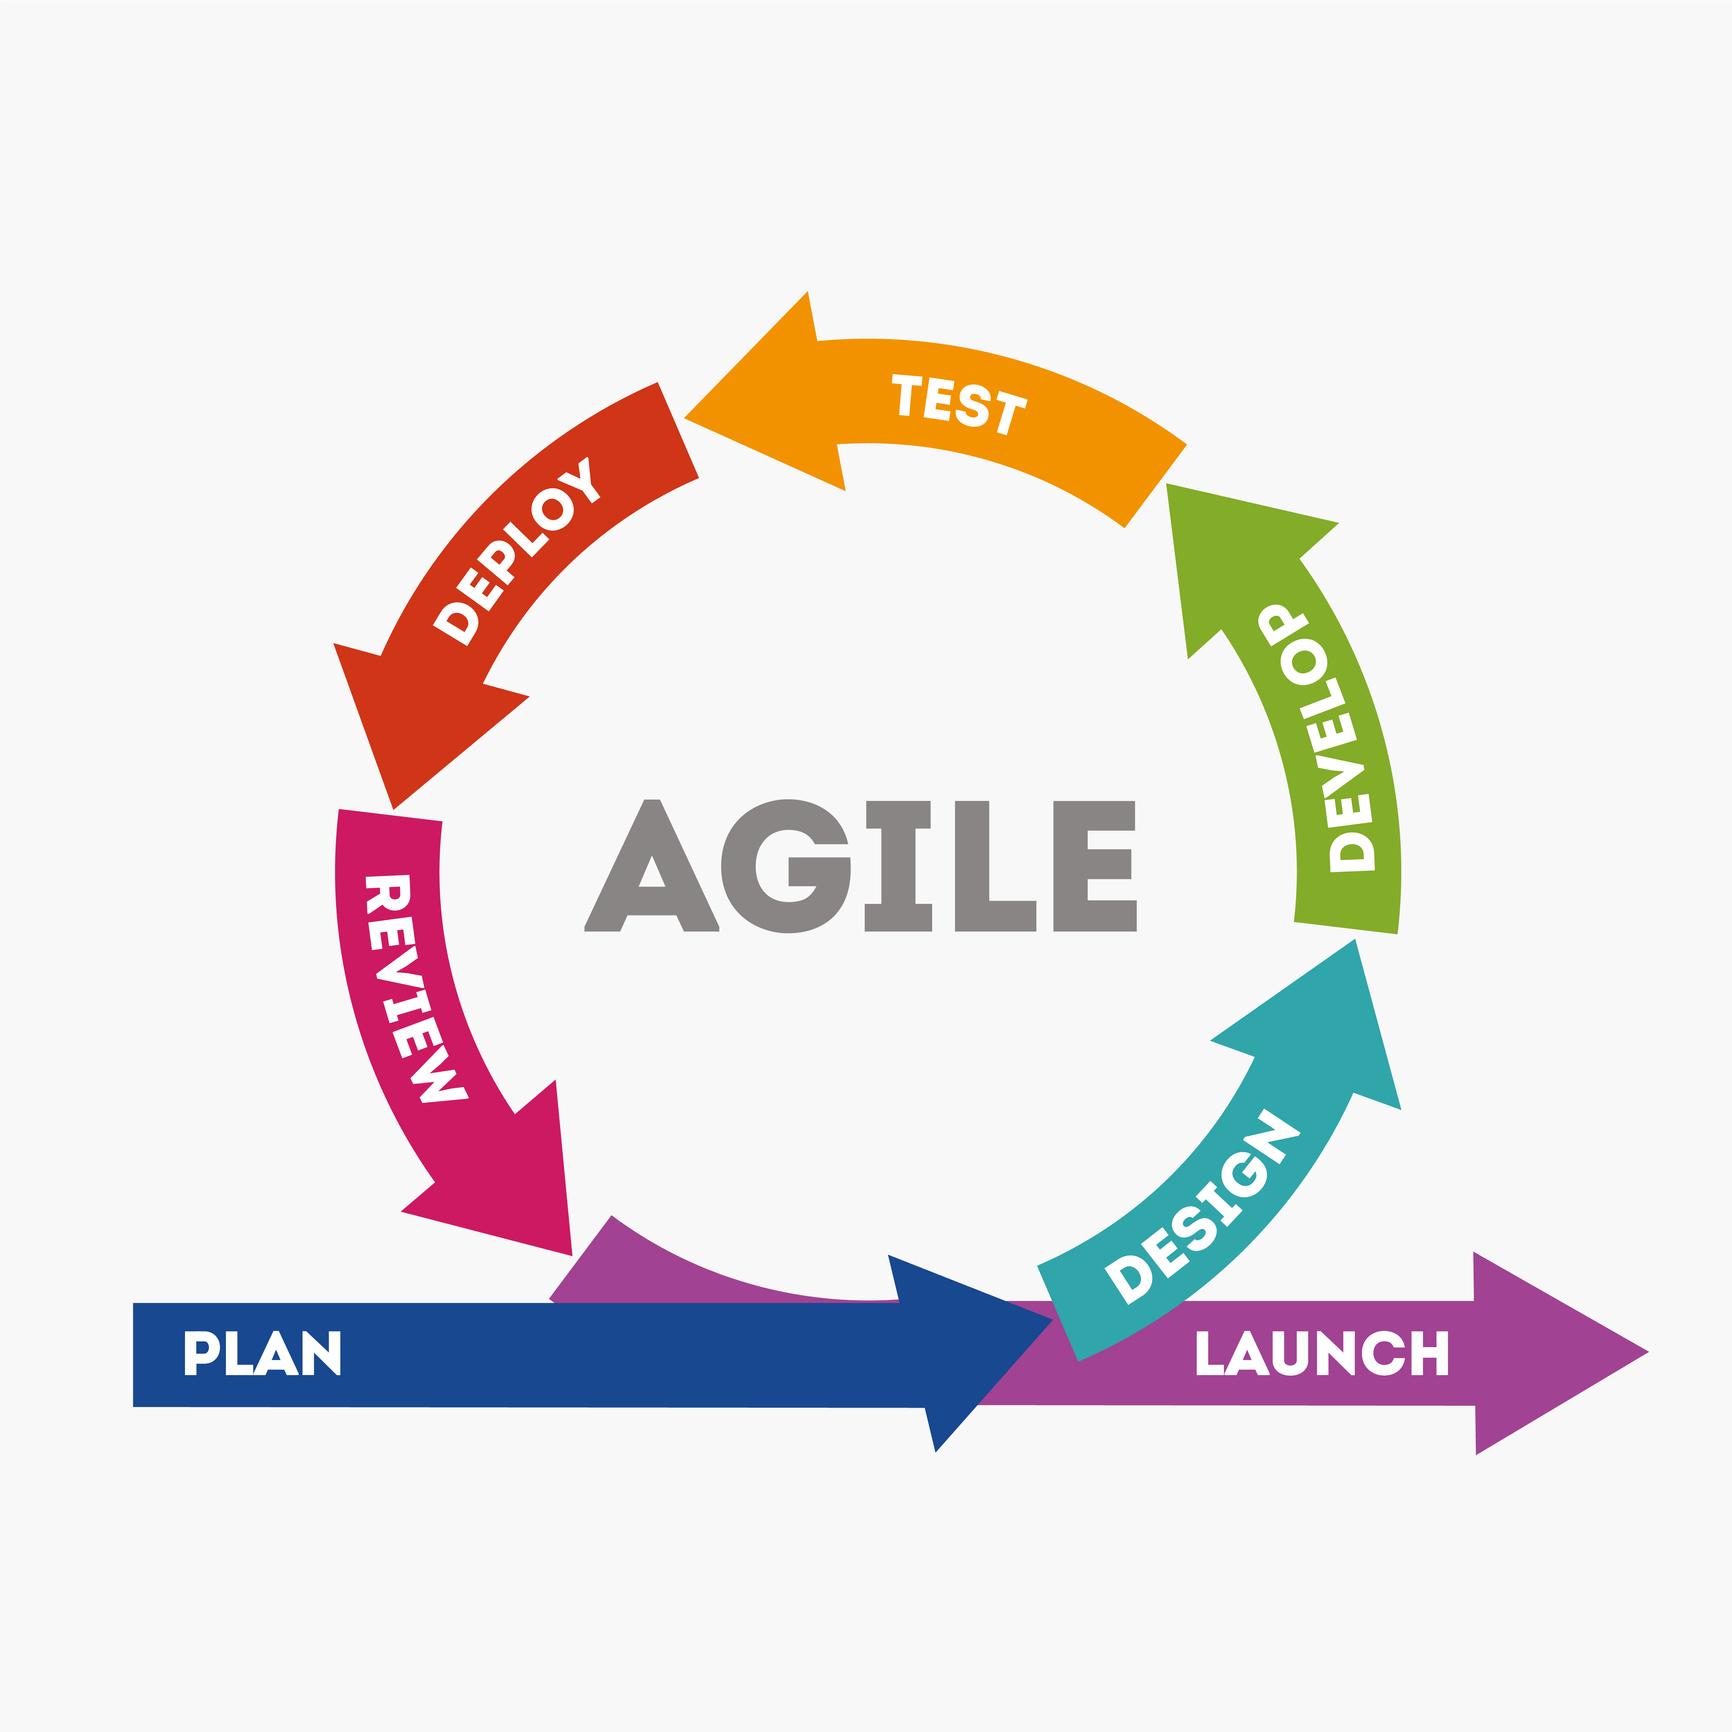 Metodología agile